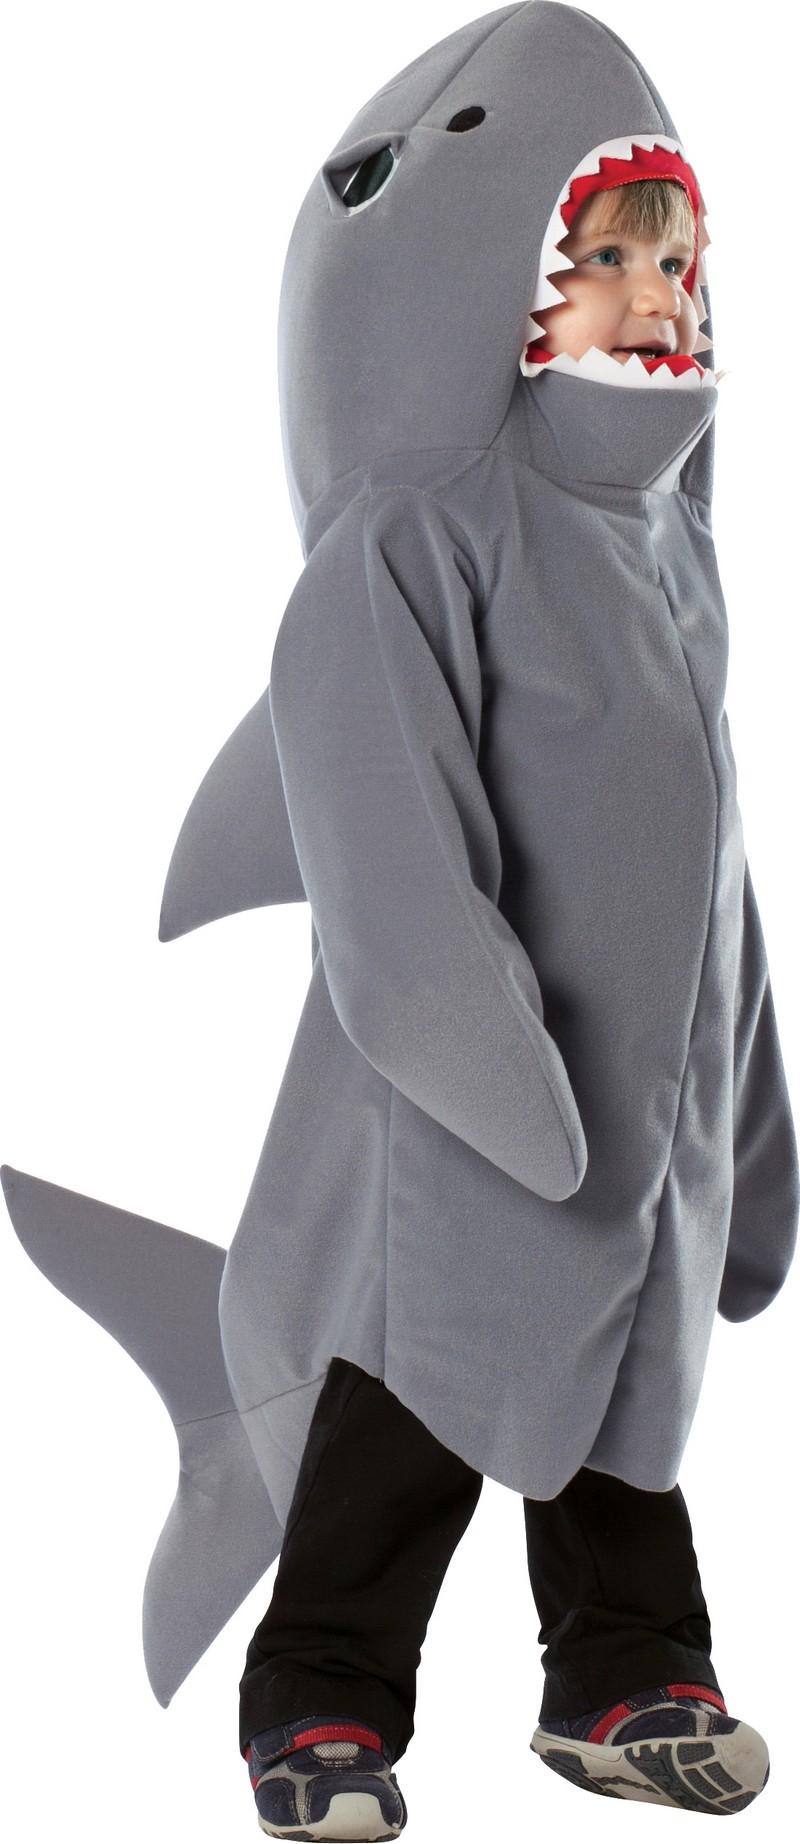 d guisement requin enfant costume animaux pas cher. Black Bedroom Furniture Sets. Home Design Ideas